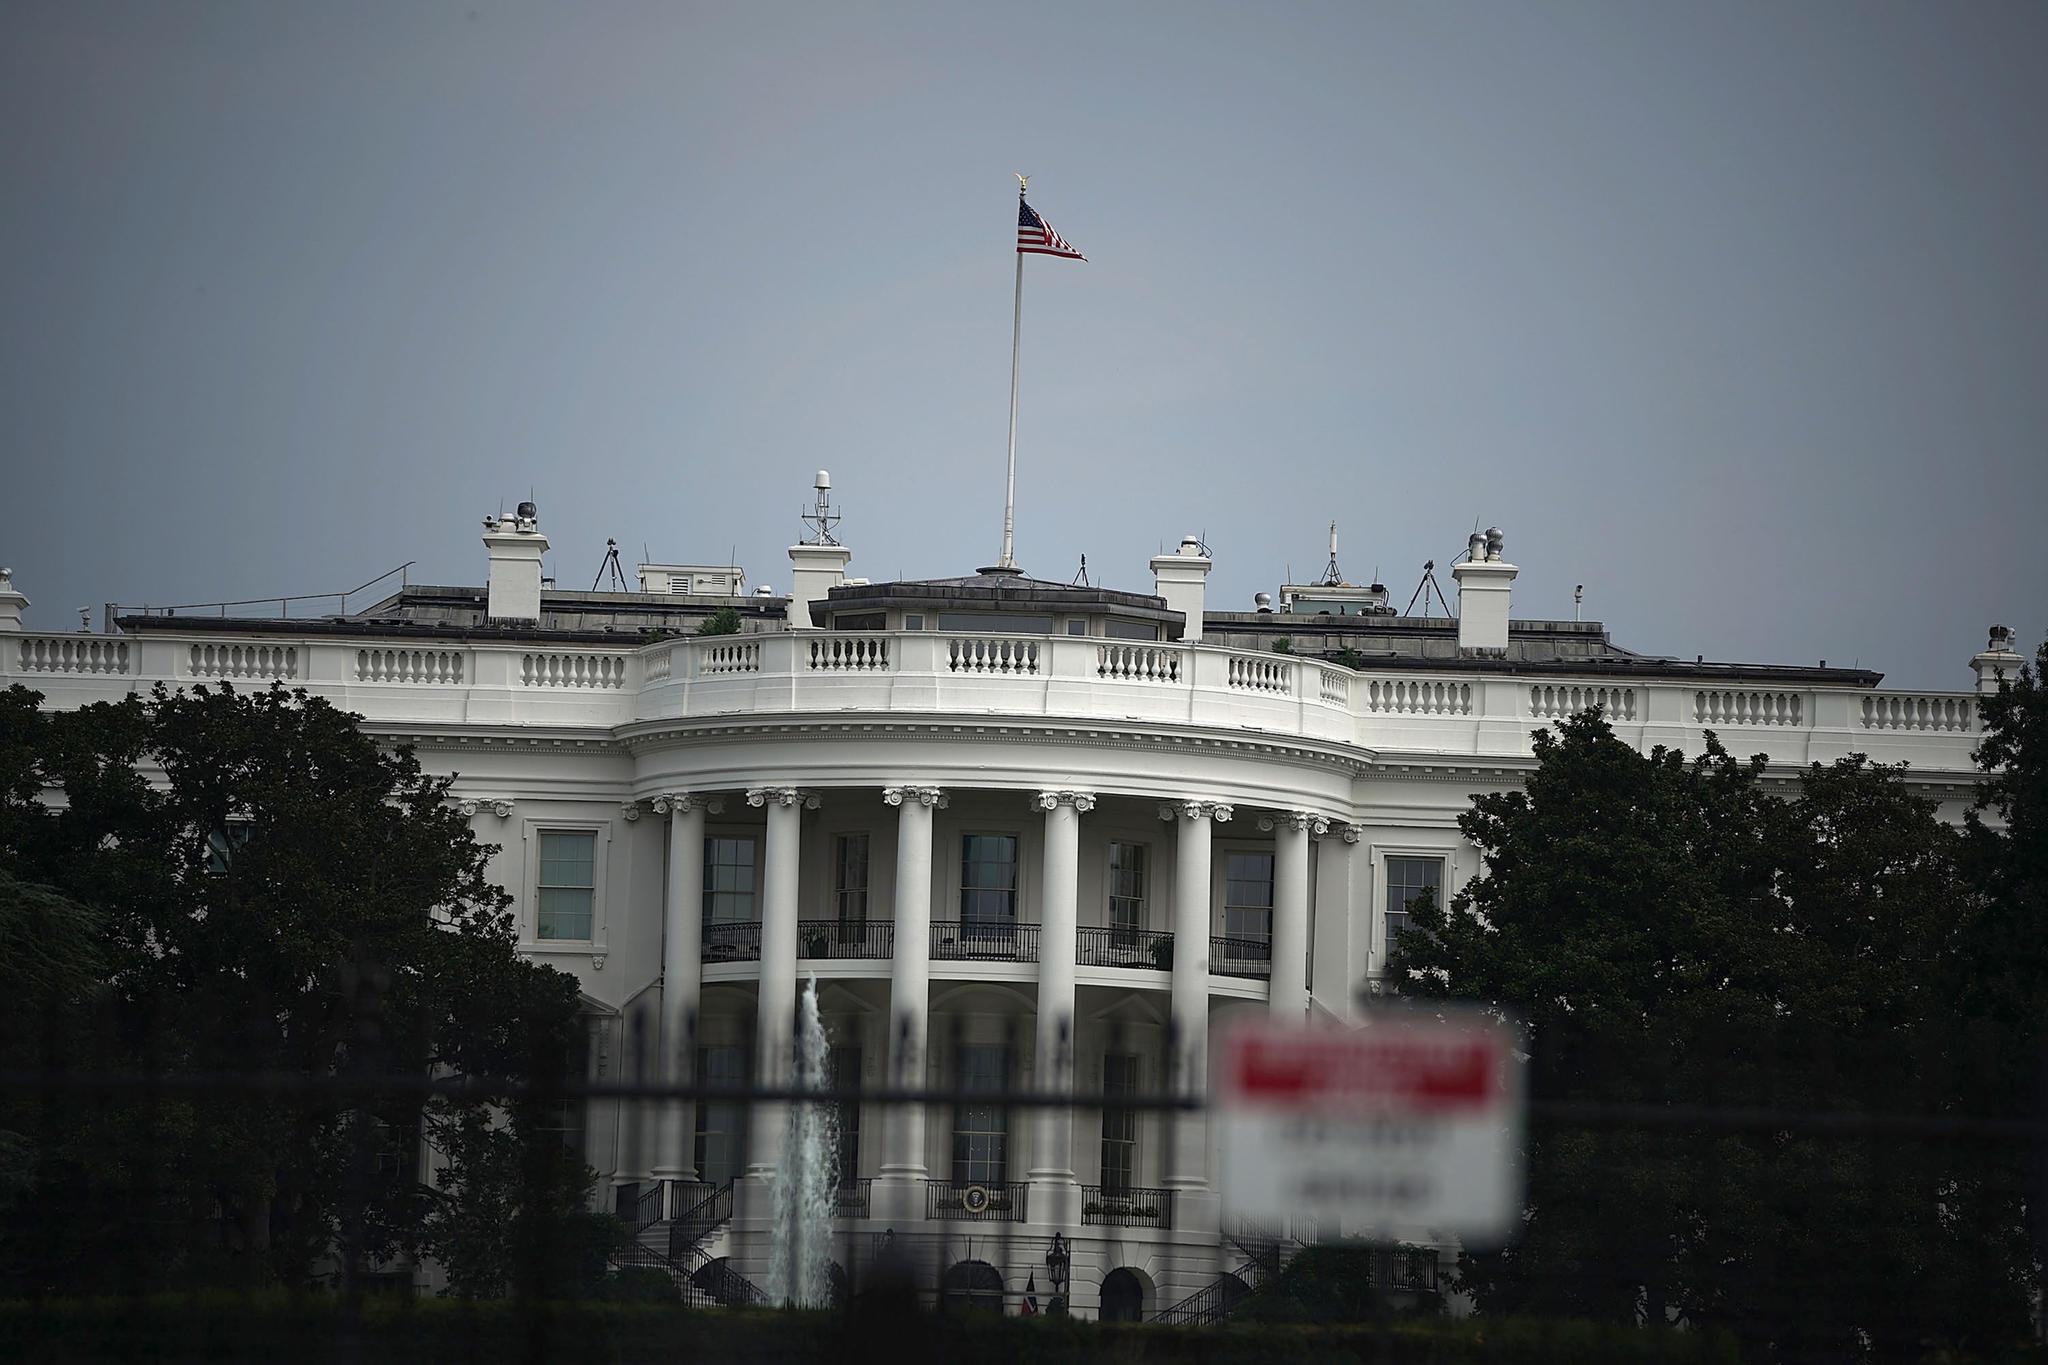 Die US-Flagge auf dem Weißen Haus weht am 27. August 2018 auf voller Höhe. Viele Amerikaner finden das angesichts des Todes von John Mc Cain alsrespektlos